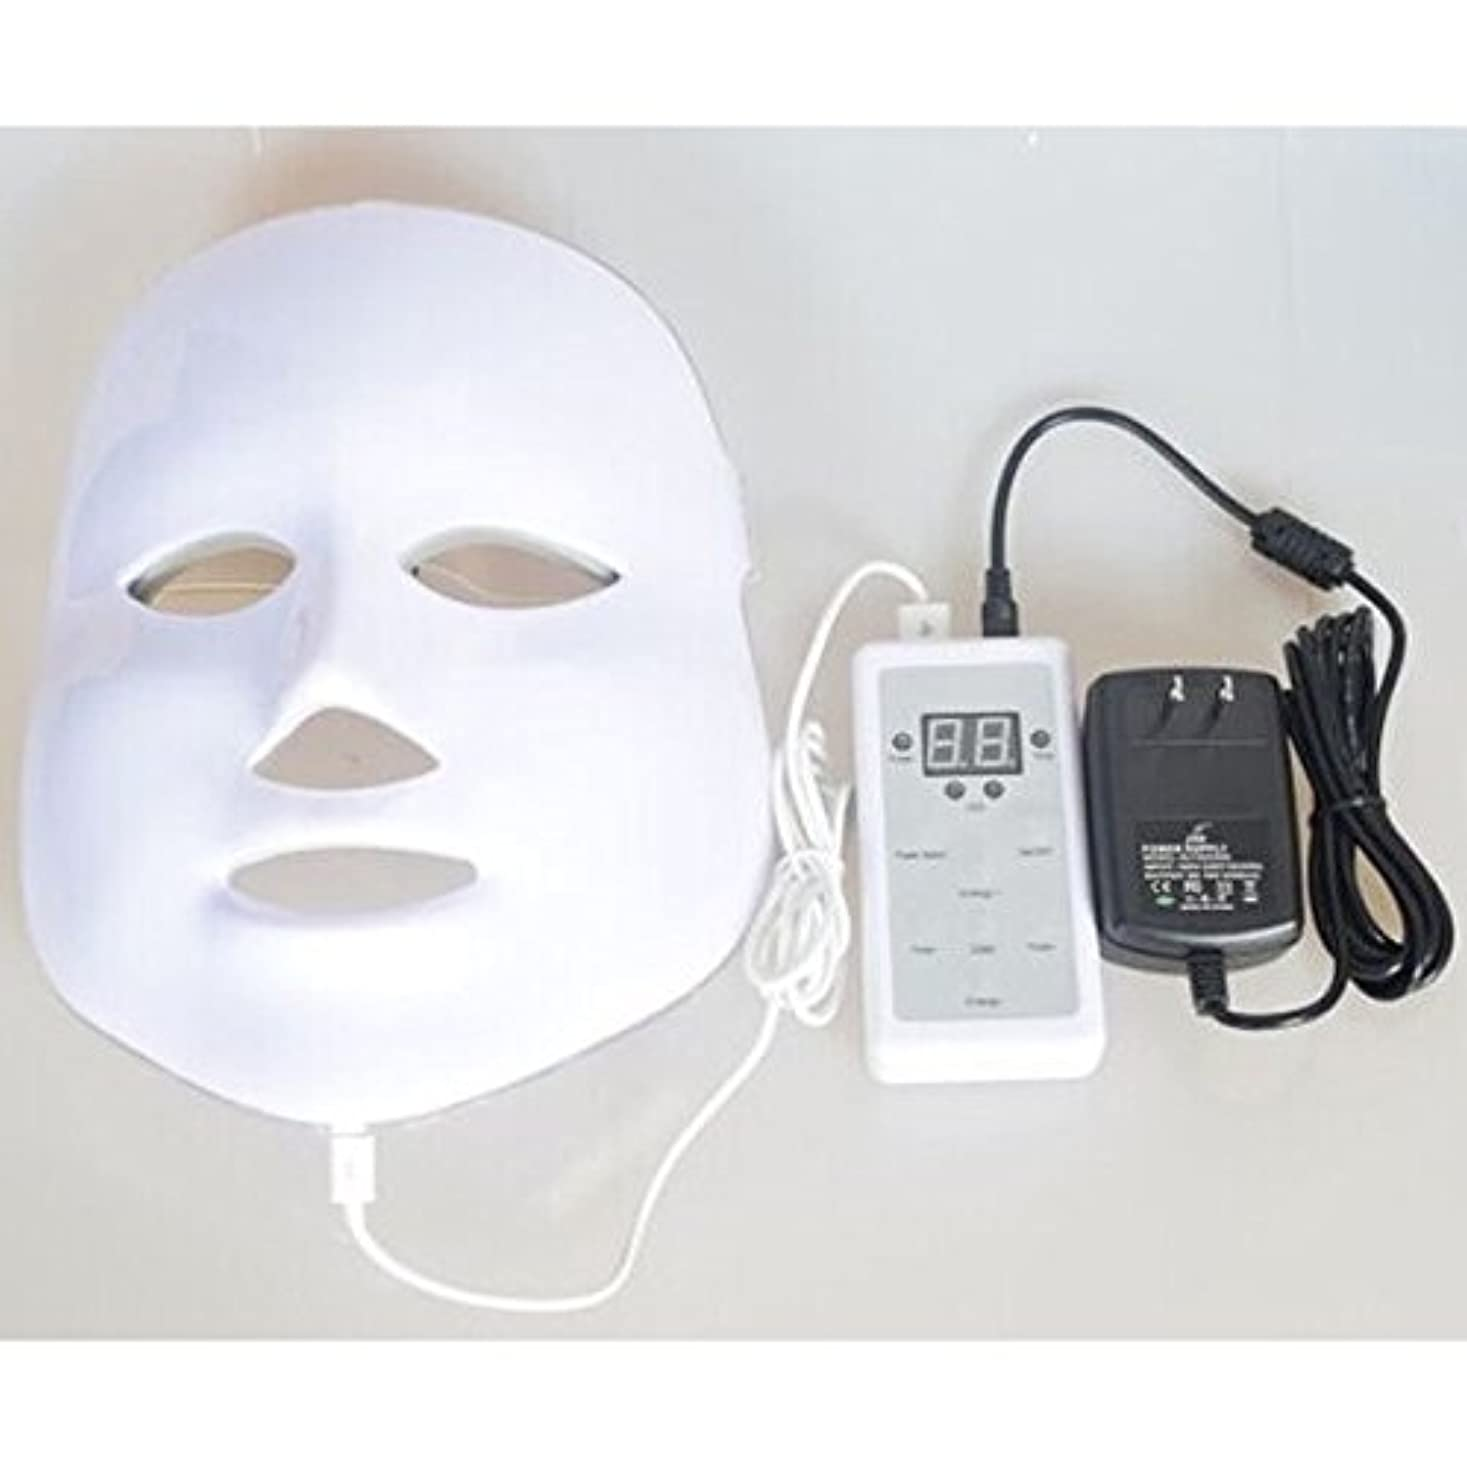 ビーチデコレーションメアリアンジョーンズLED美顔器 7色 美顔マスク 美容 たるみ ほうれい線 美肌 ニキビ対策 コラーゲン生成 美白 エイジングケア